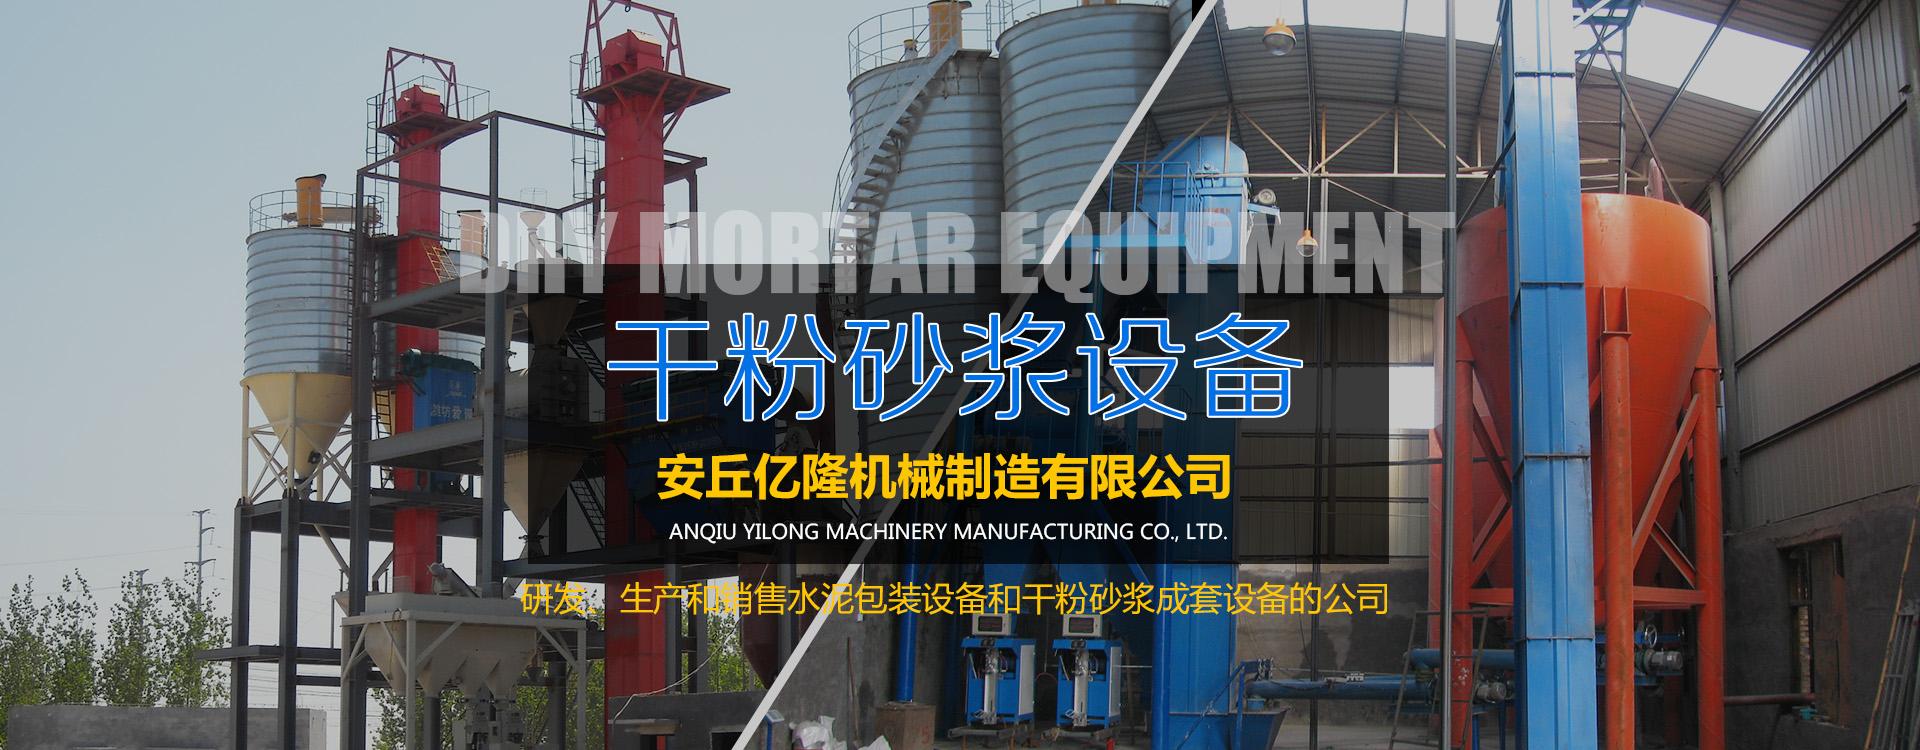 安丘亿隆机械制造有限公司是山东省较早进入水泥包装机械和干粉砂浆机械的厂家,是研发、生产和销售水泥包装设备和干粉砂浆成套设备的公司。